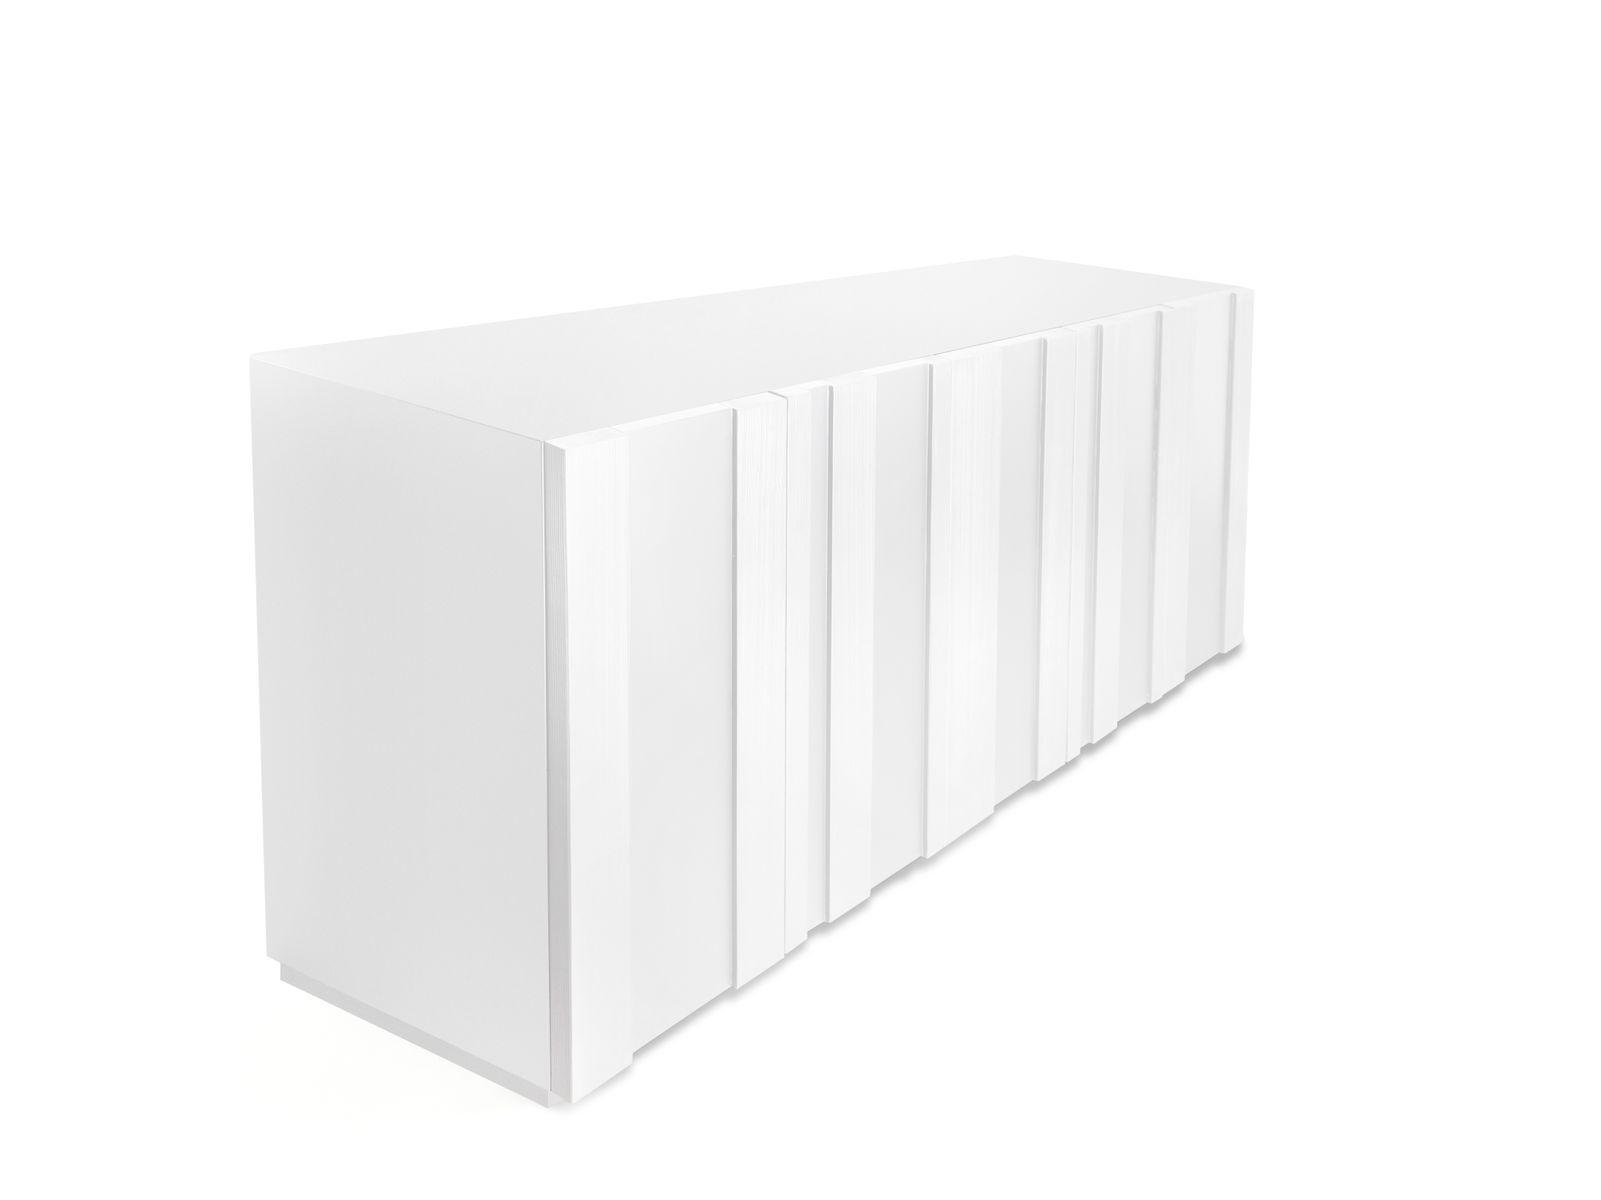 Weißes Madia RIGA_2 Sideboard von ALBEDO, 2019